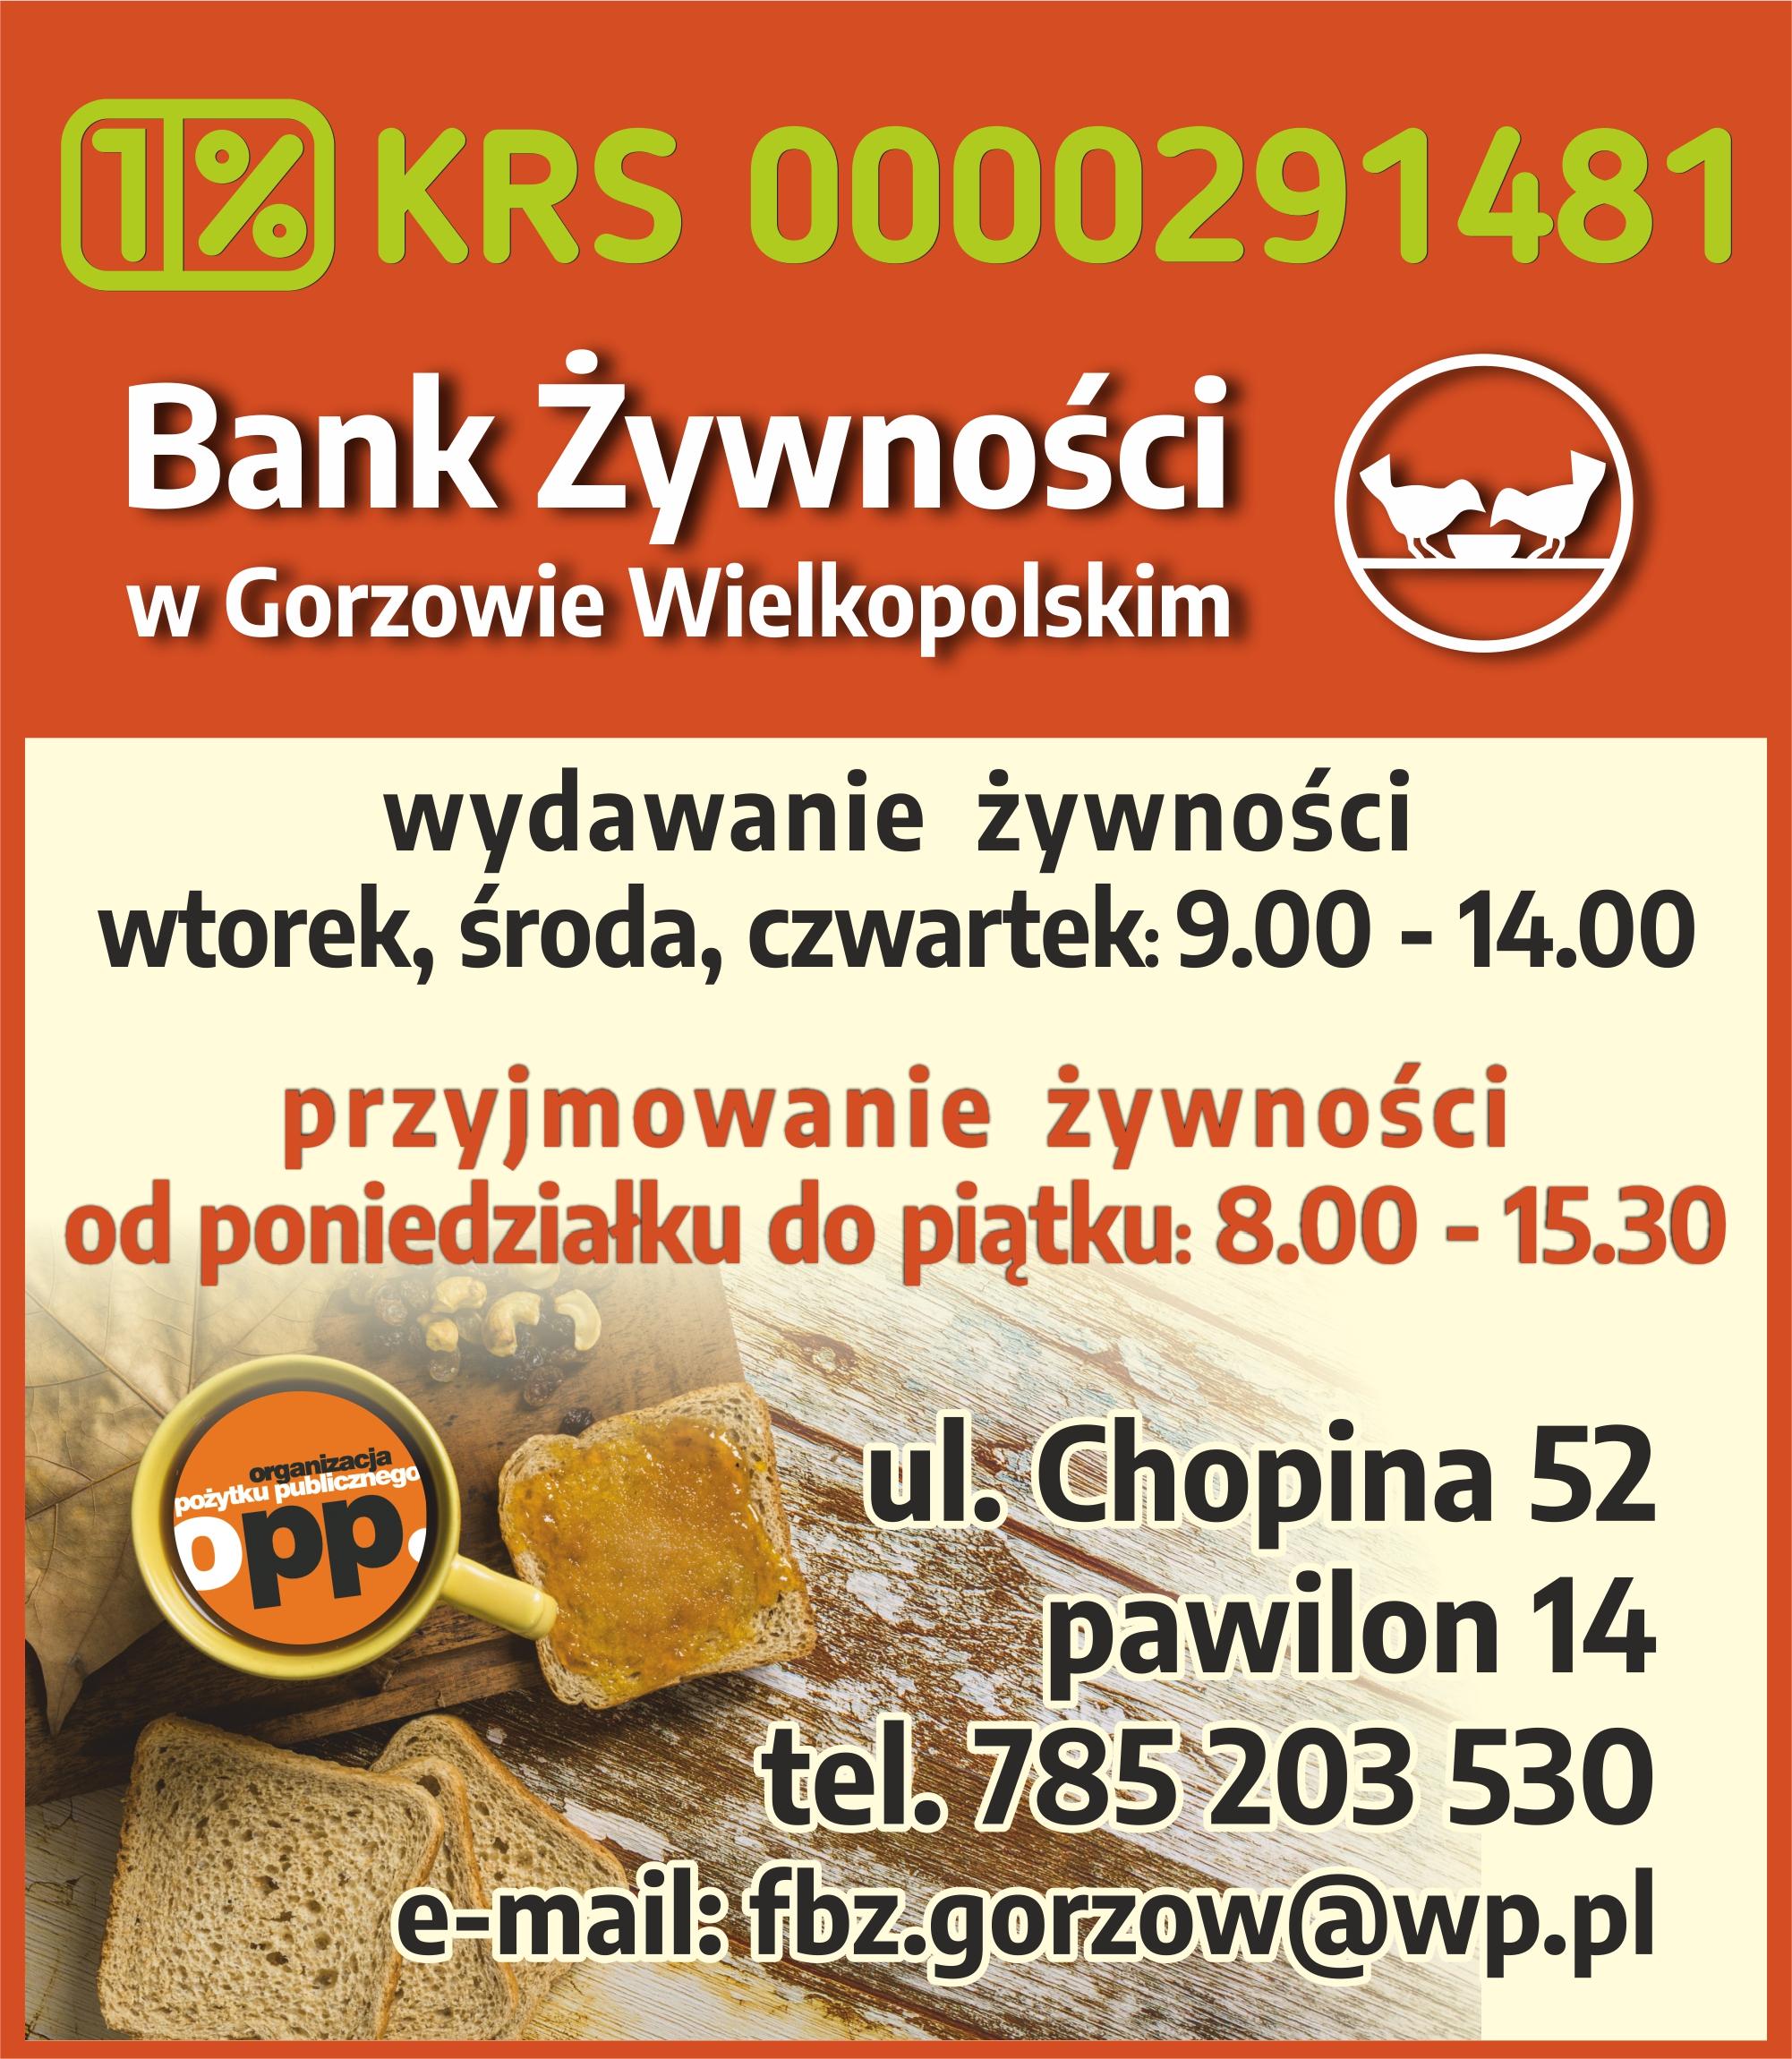 Wspomóż działania Banku Żywności!